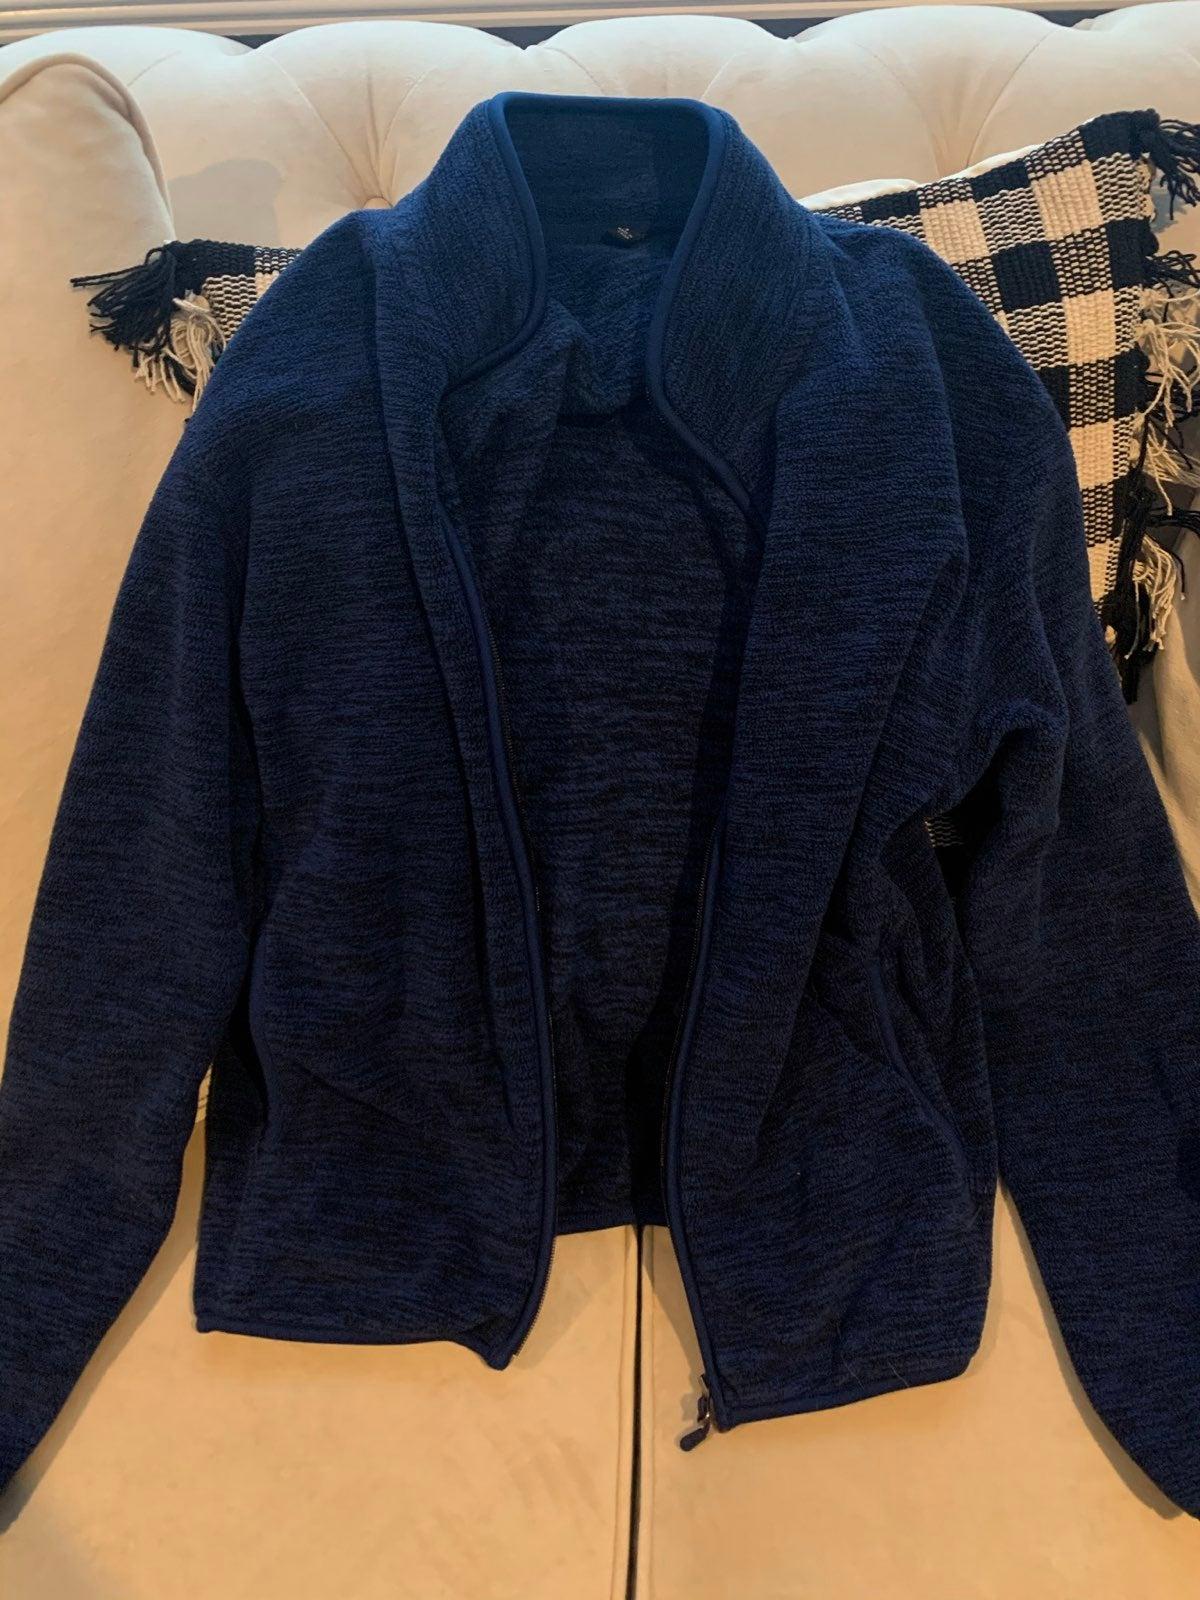 UNIQLO Fleece Zip Up Sweatshirt